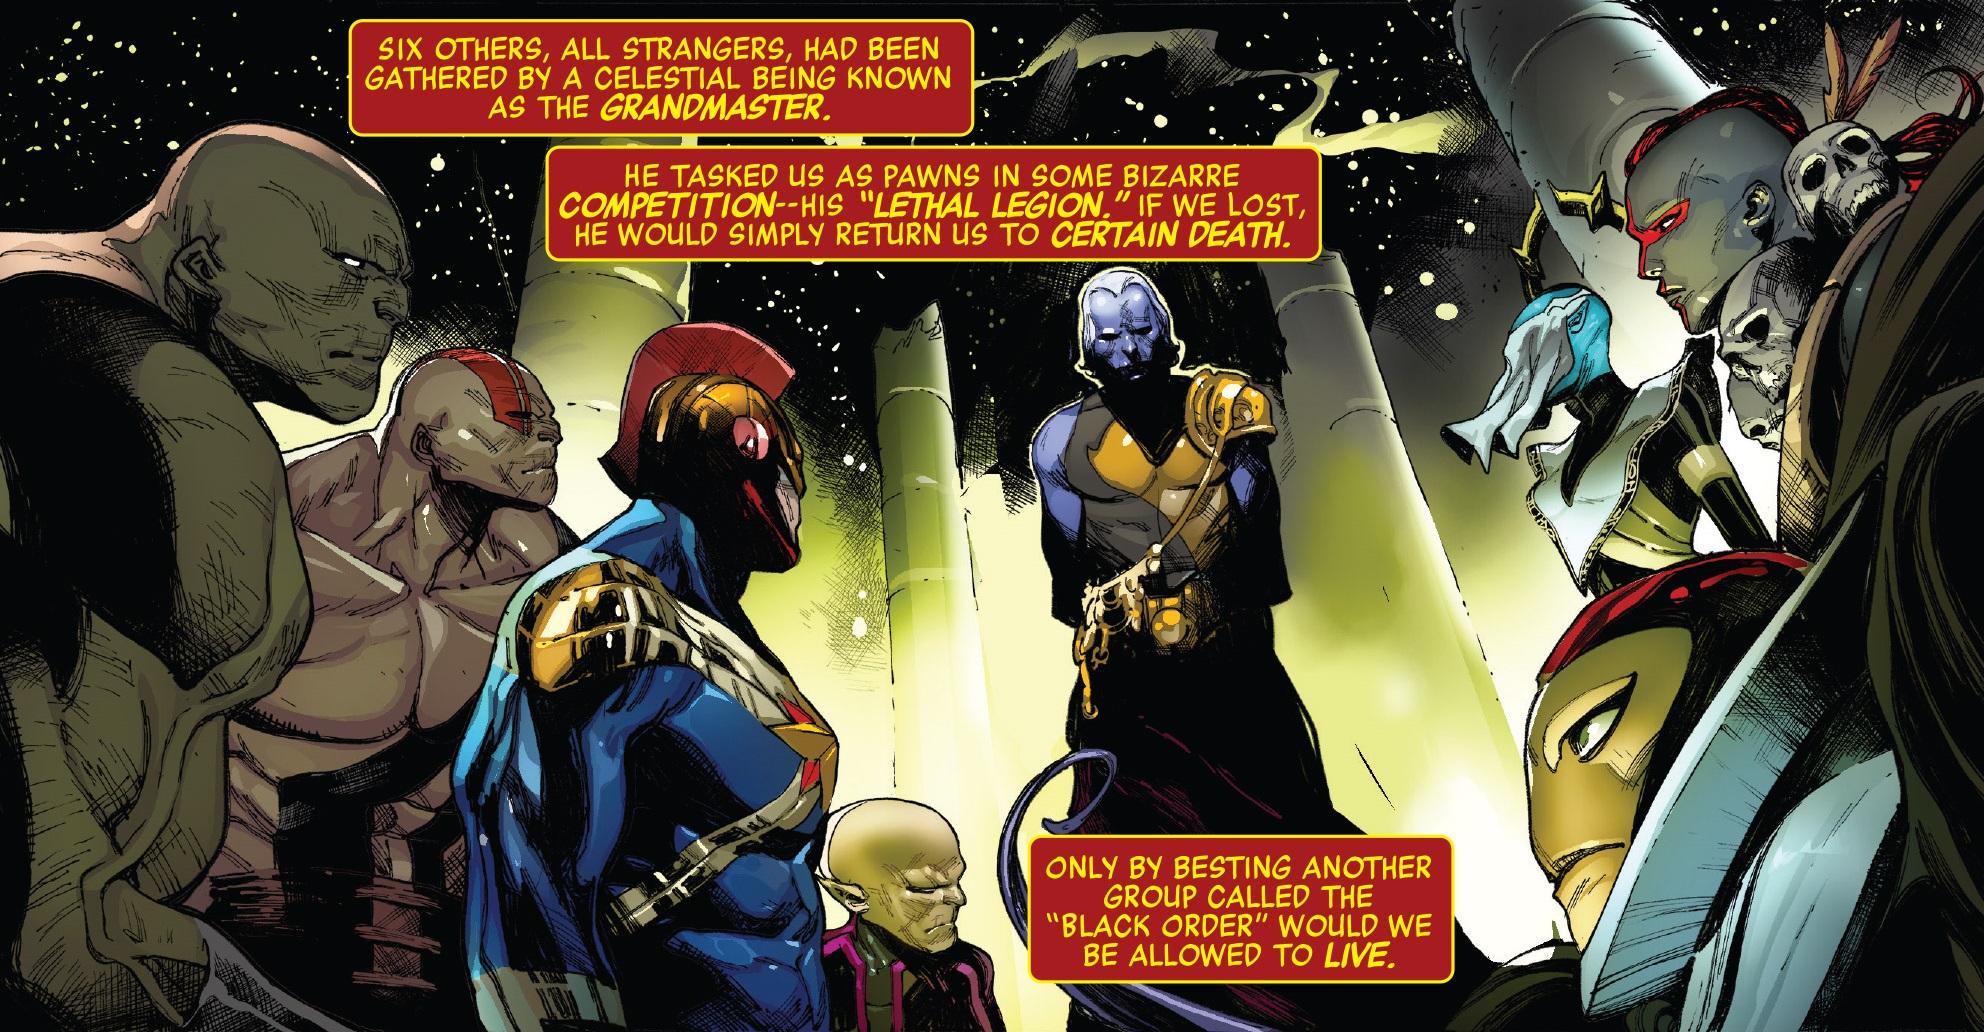 Lethal Legion (Grandmaster) (Earth-616) from Avengers Vol 1 681 001.jpg